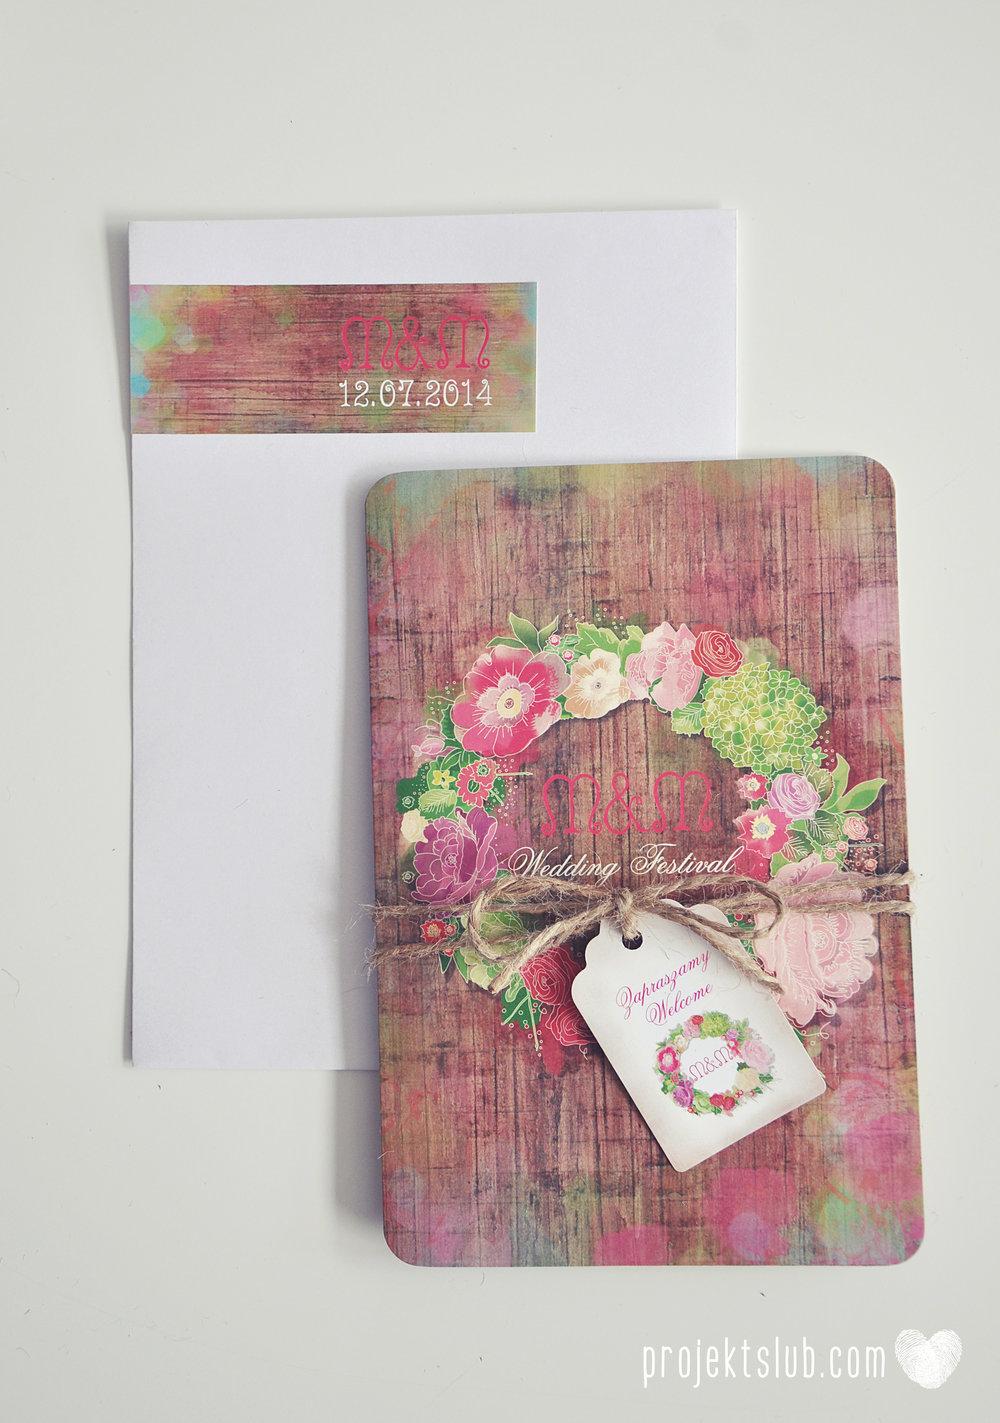 Zaproszenia ślubne wedding festival wianki kwiatowe drewno eko rustykalne boho kolorowe kwiaty festiwalowe wesele Projekt Ślub  (28).JPG